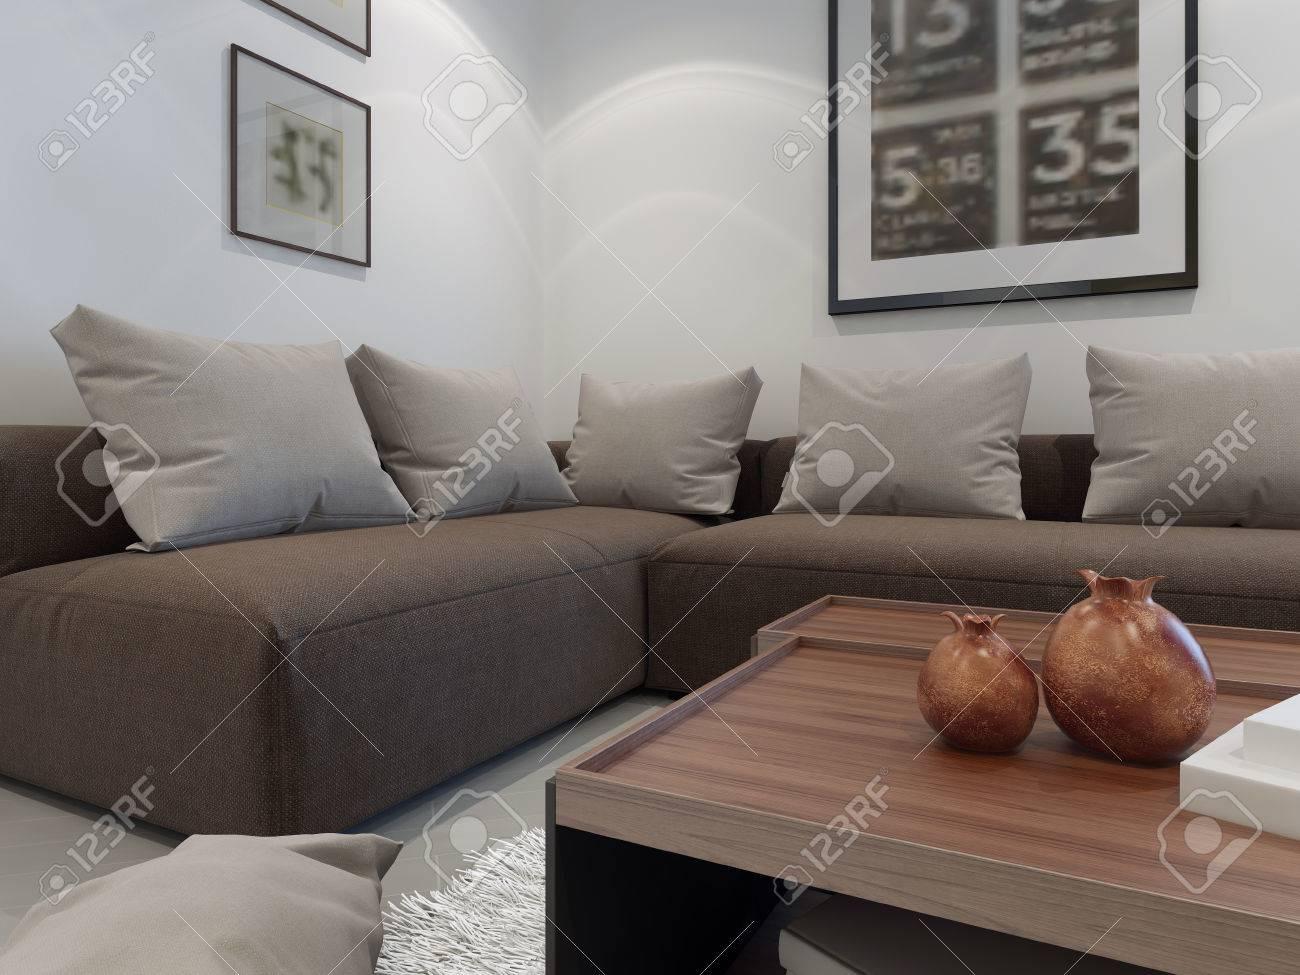 Muebles Tapizados En El Interior De Una Casa Privada. Cornes Sofá ...